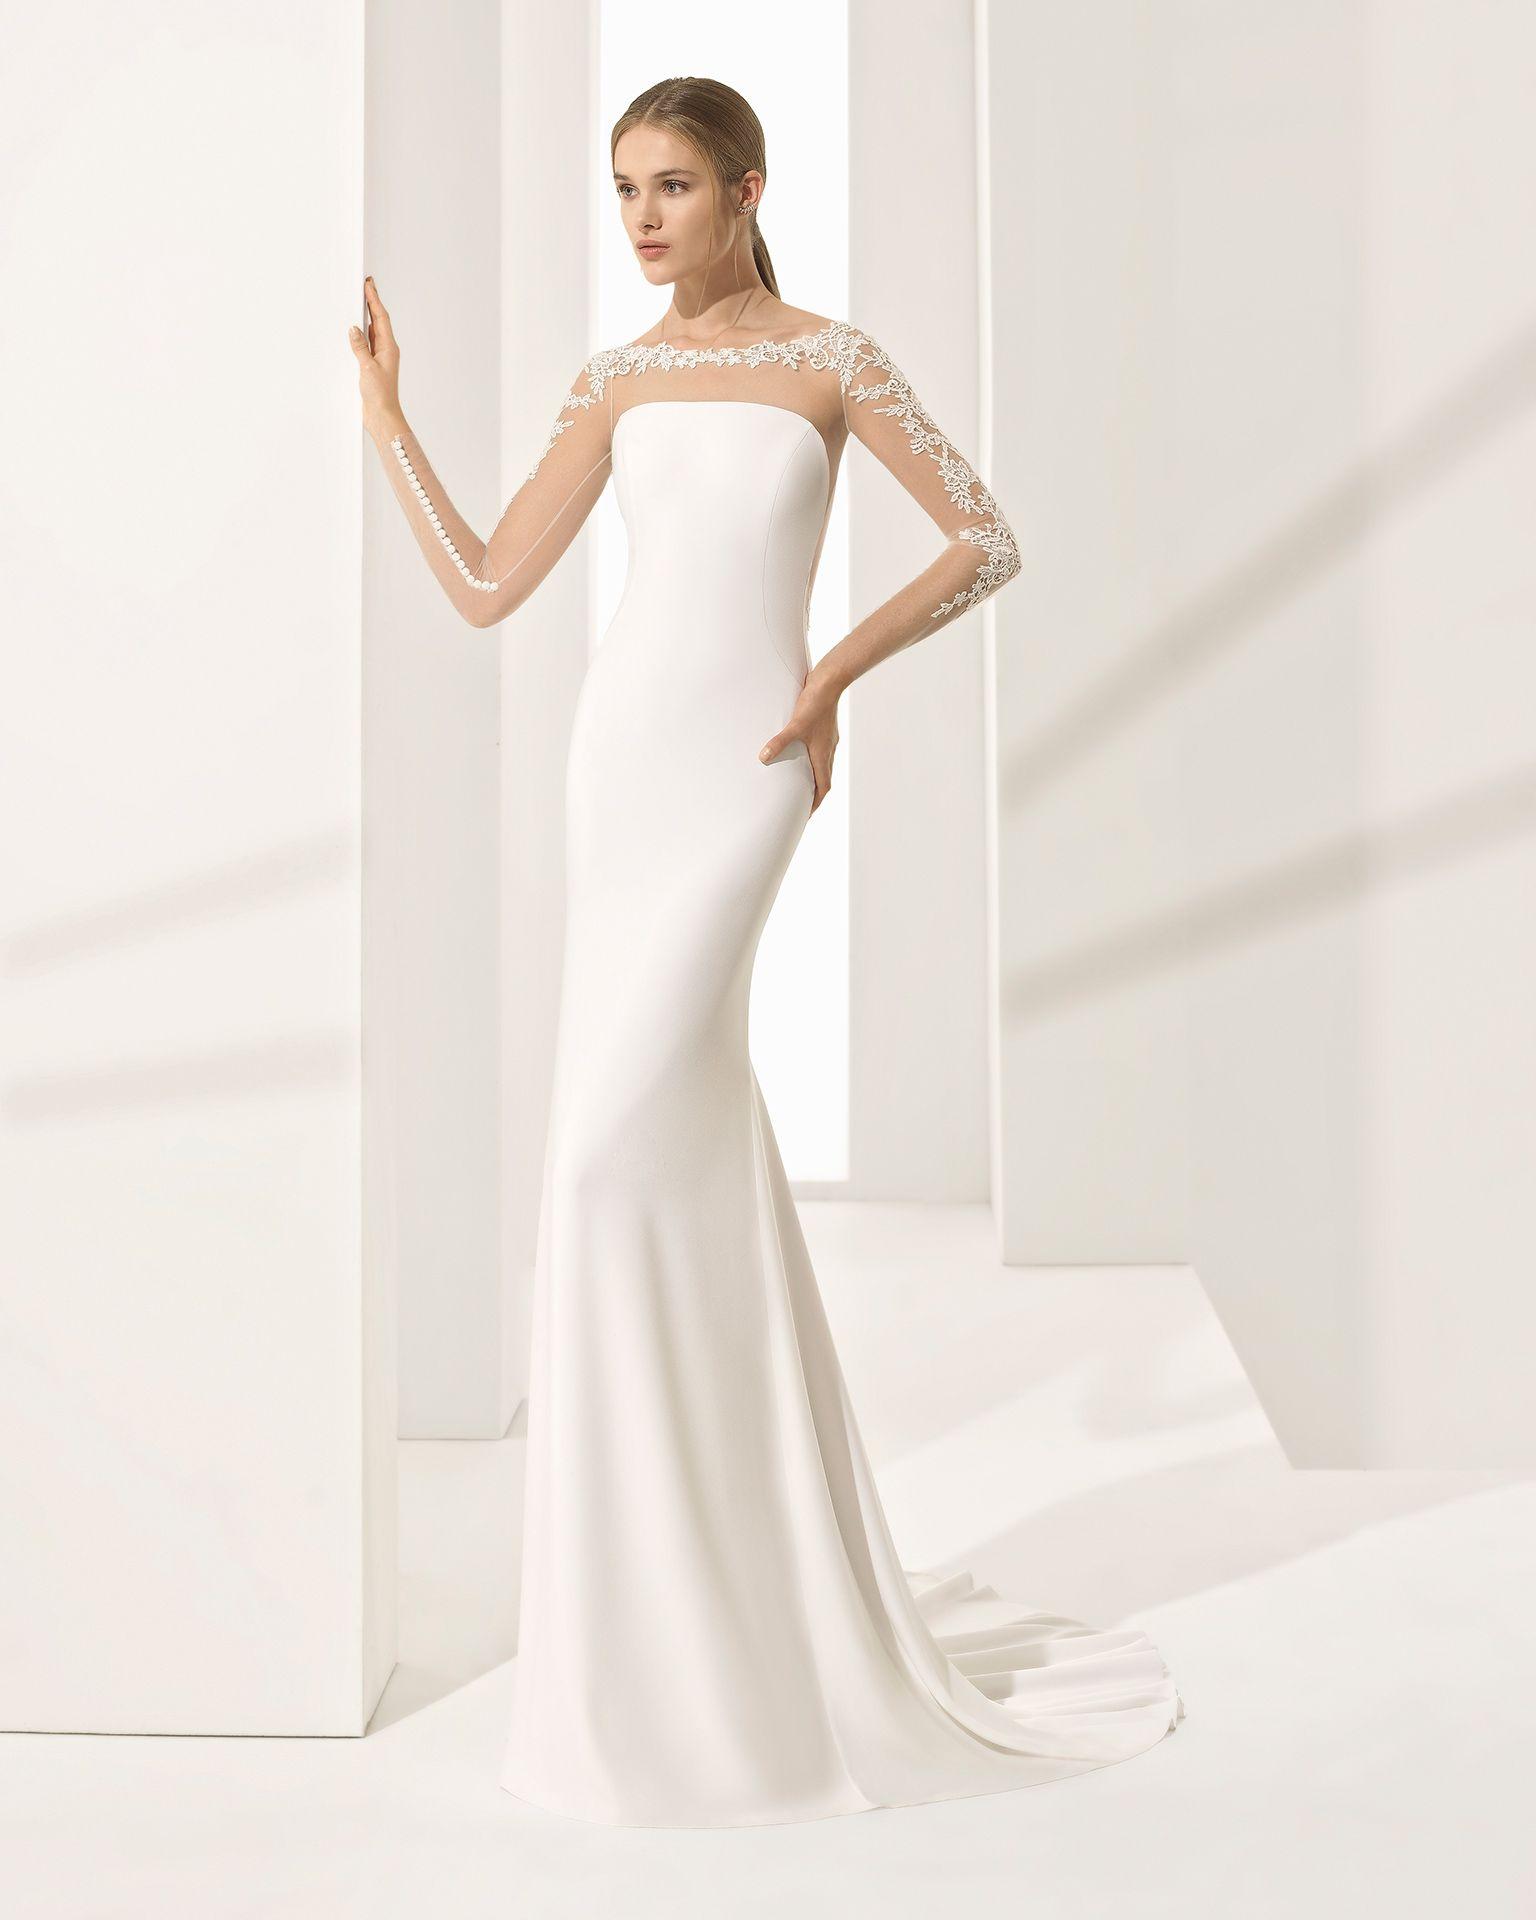 PARMA - Novia 2018. Colección Rosa Clará Couture   Hochzeitskleid ...